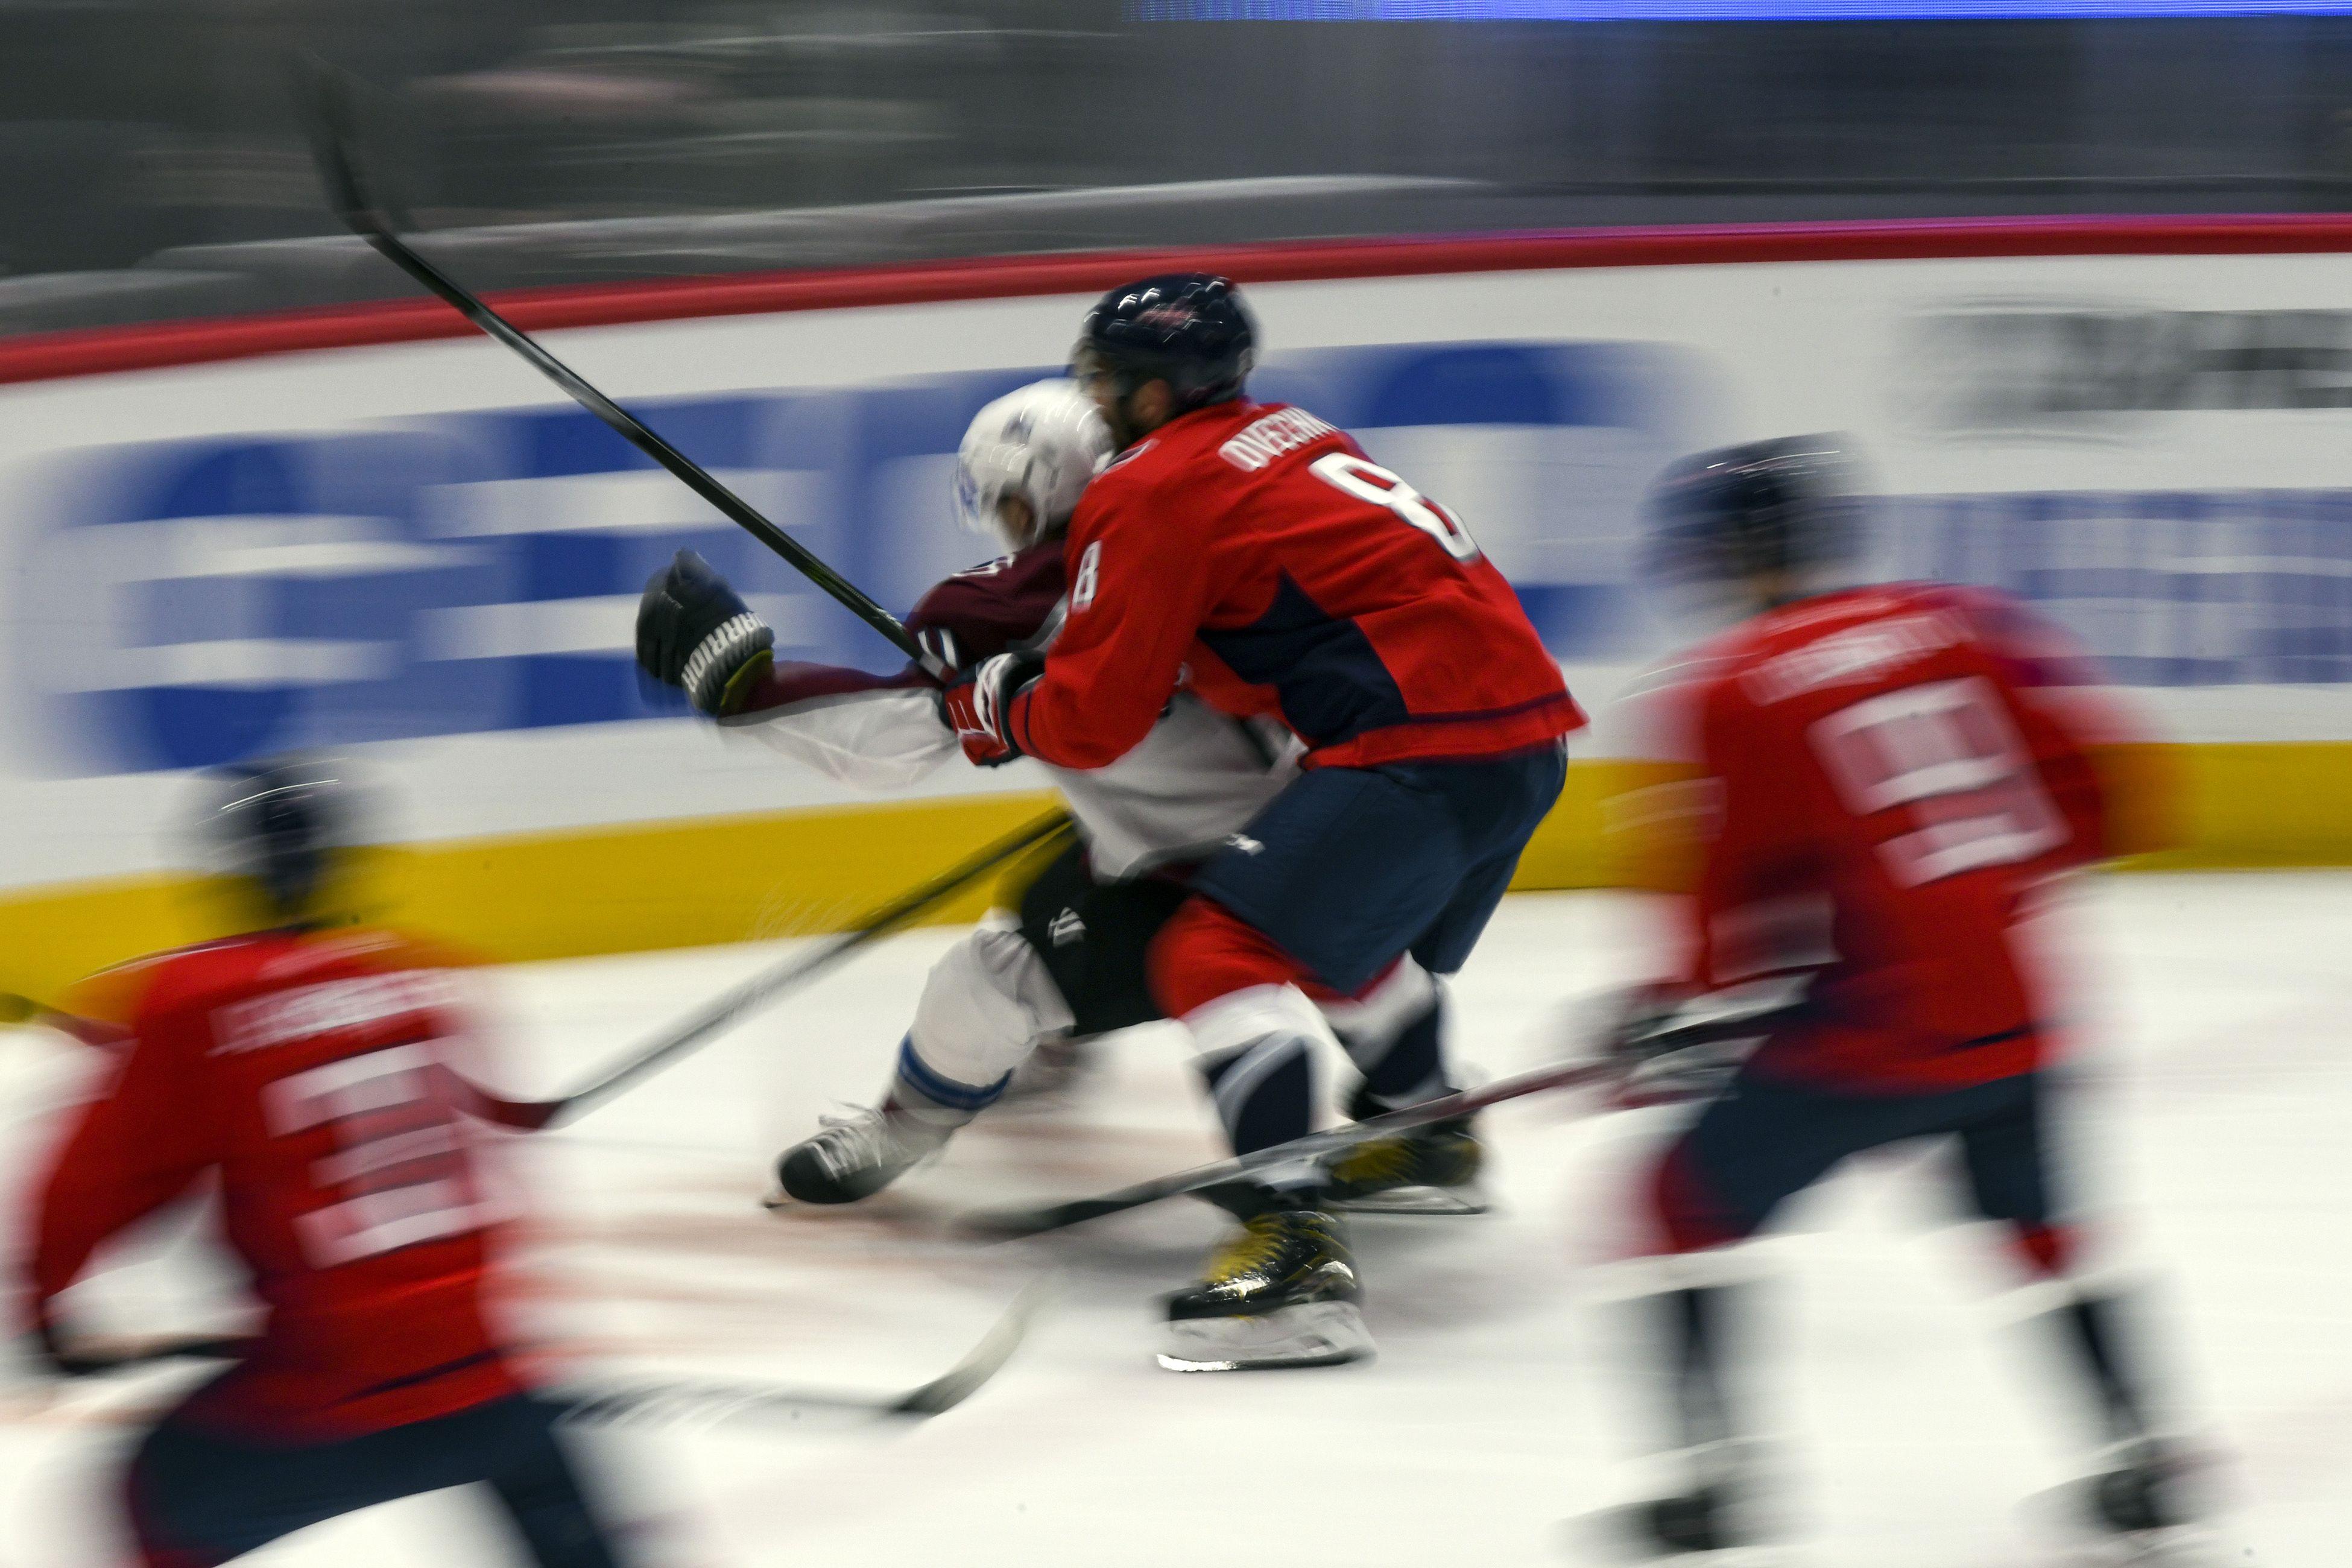 'Вашингтон' обыграл 'Нью-Джерси', Овечкин, Кузнецов и Орлов отметились шайбами